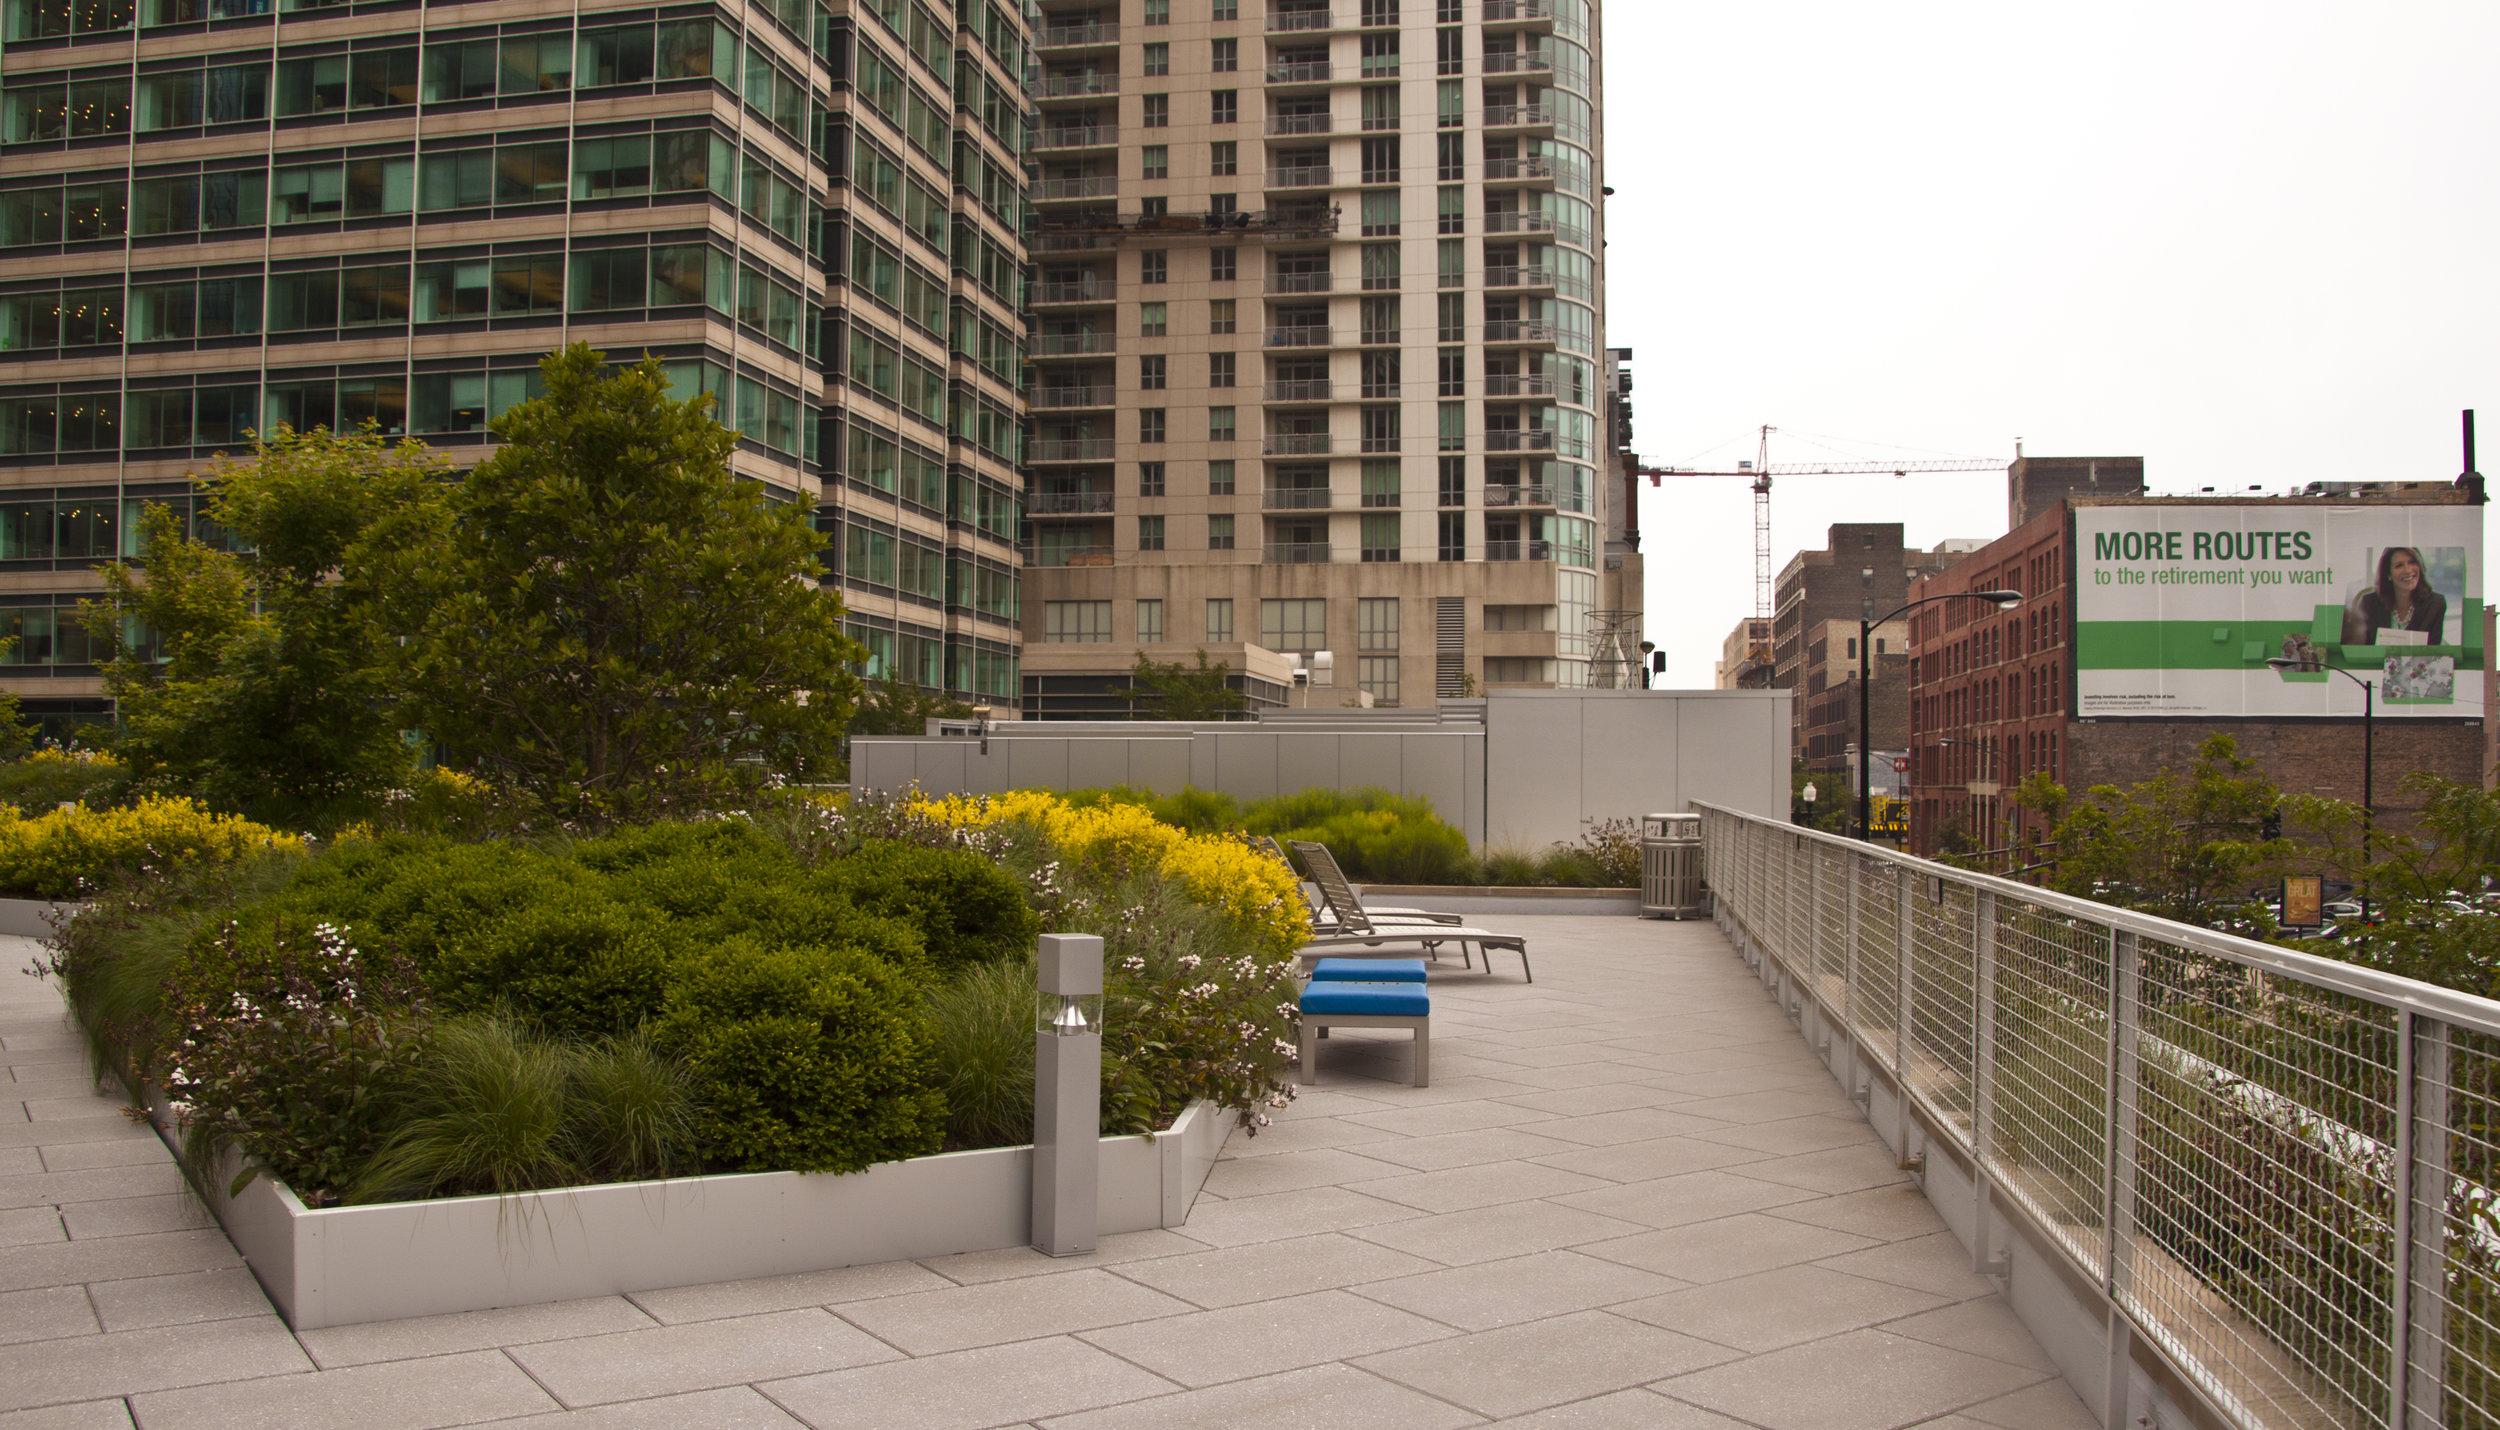 1-CWL_Pres_Towers-rooftop_6-24-2014 (1).jpg